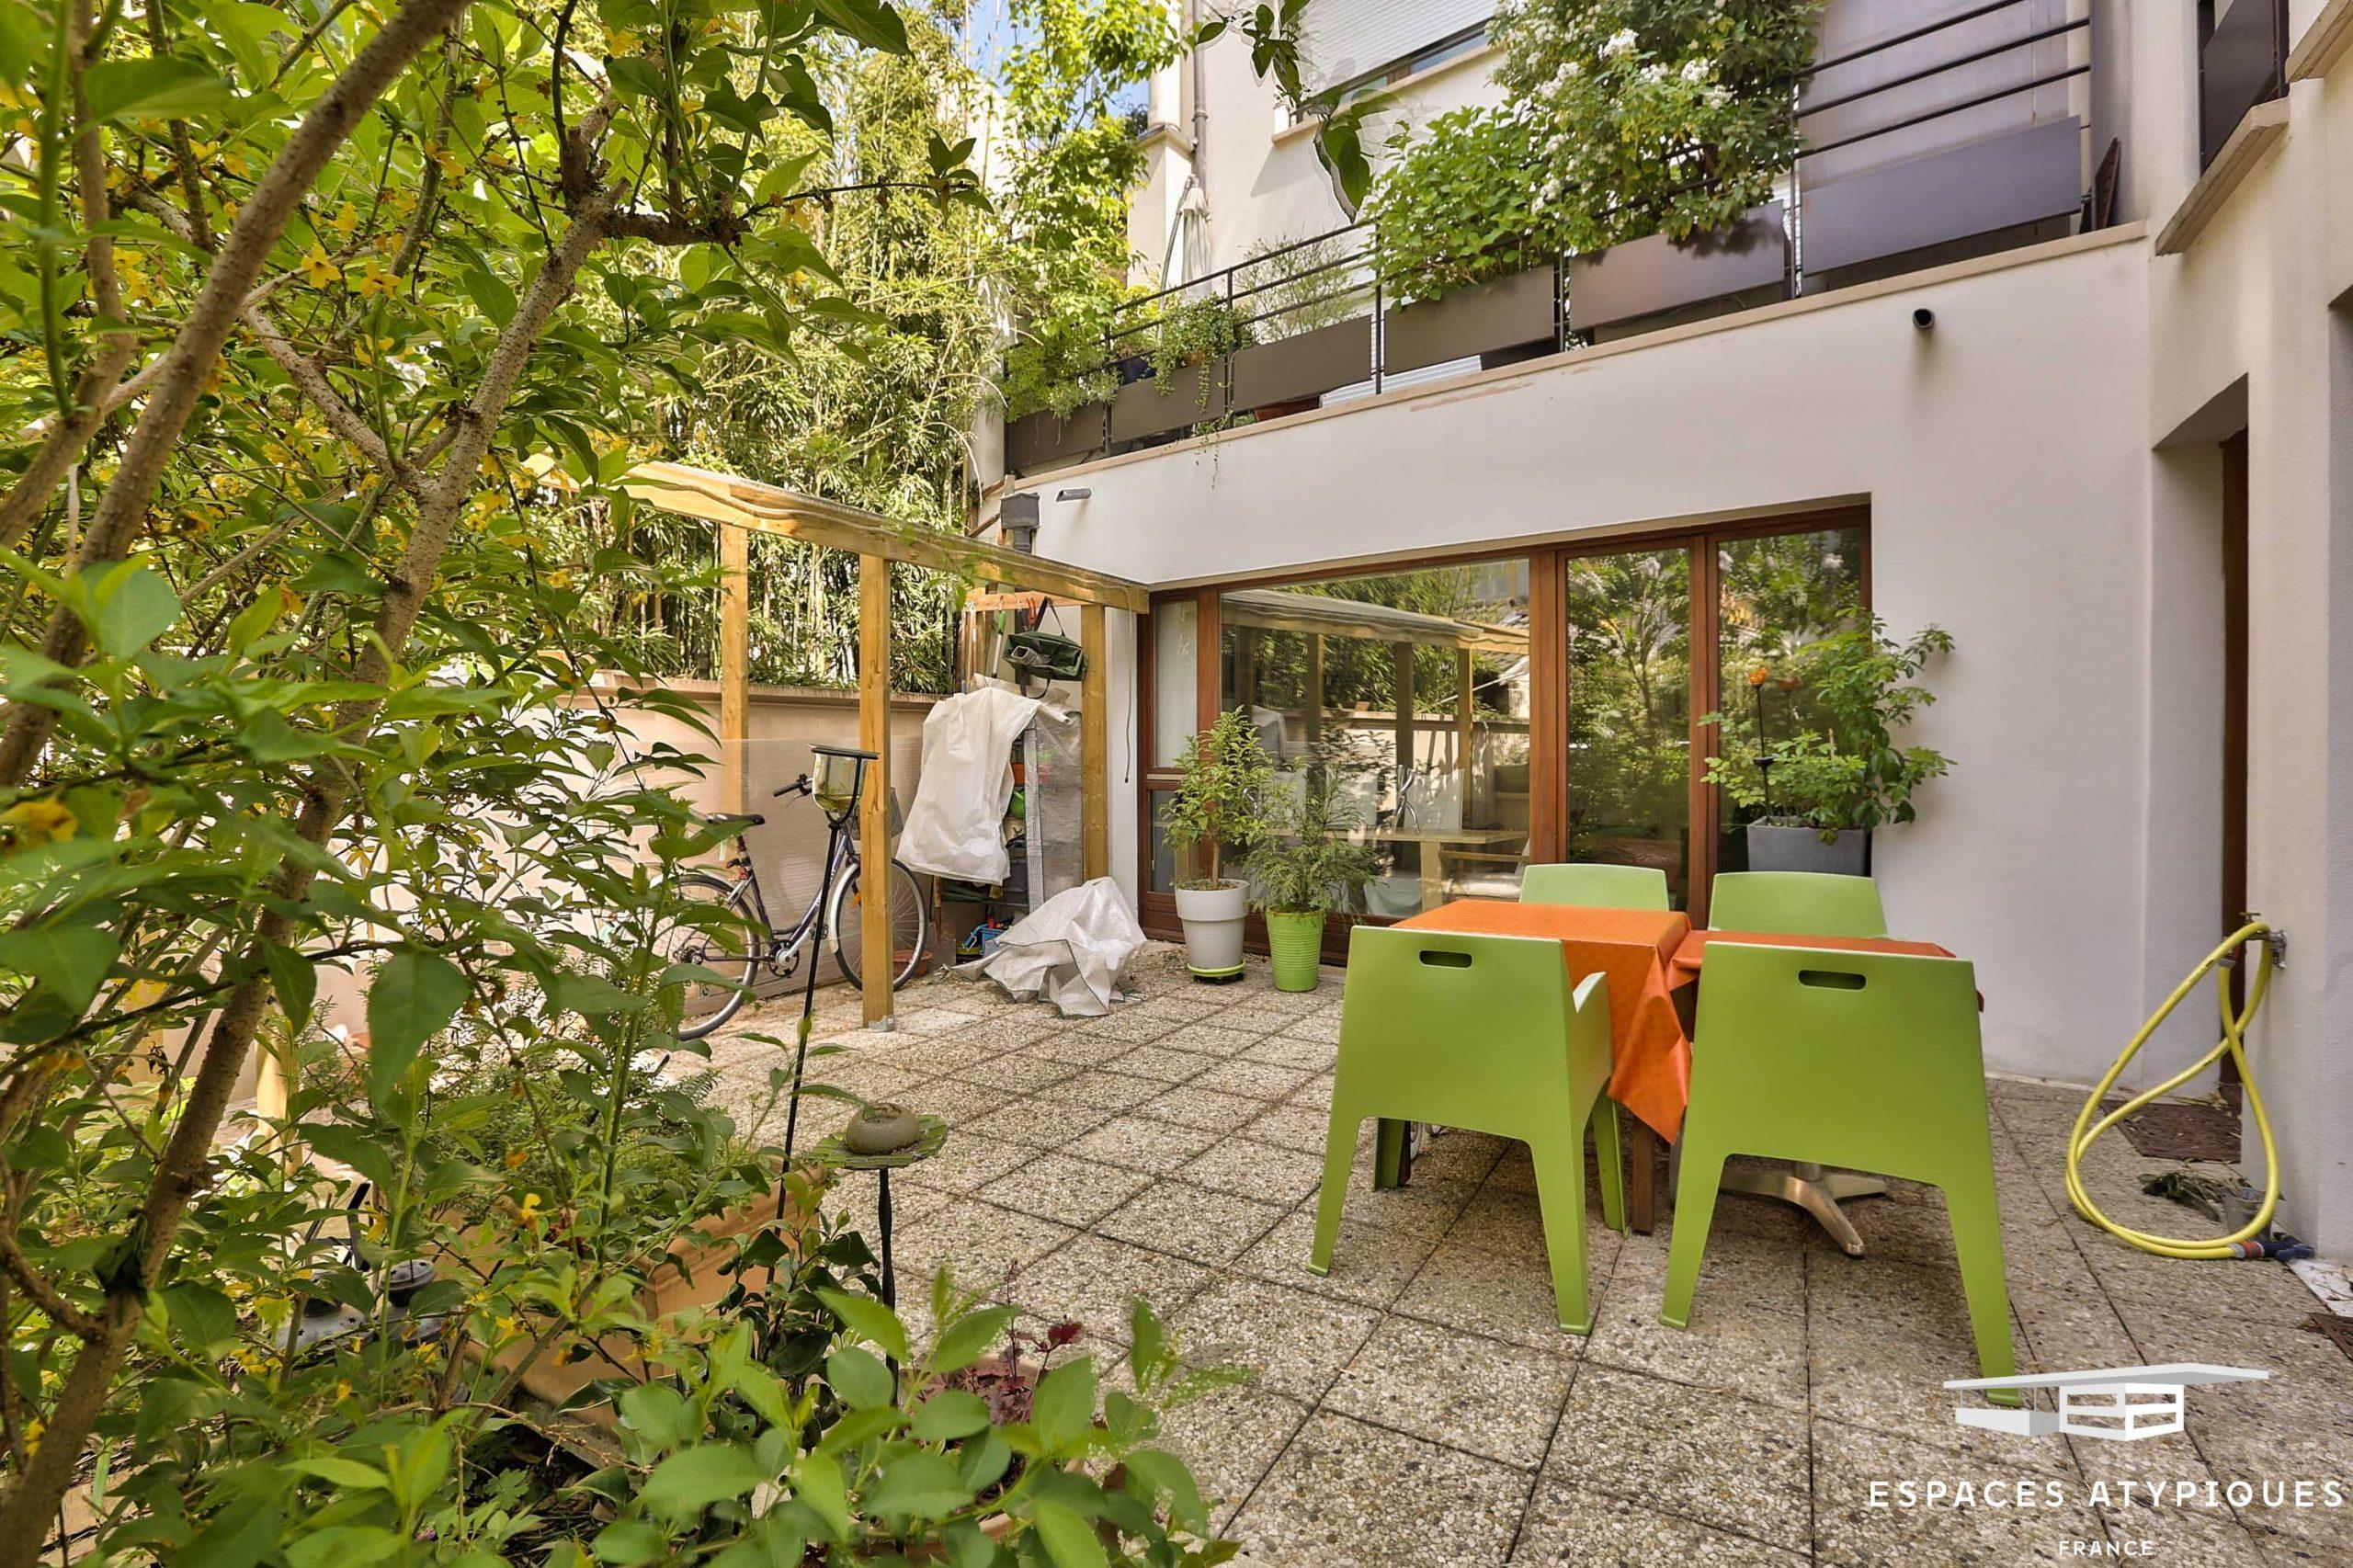 Appartement Avec Terrasse Et Jardin À Vendre À Paris 13E dedans Terrasses Et Jardins Paris